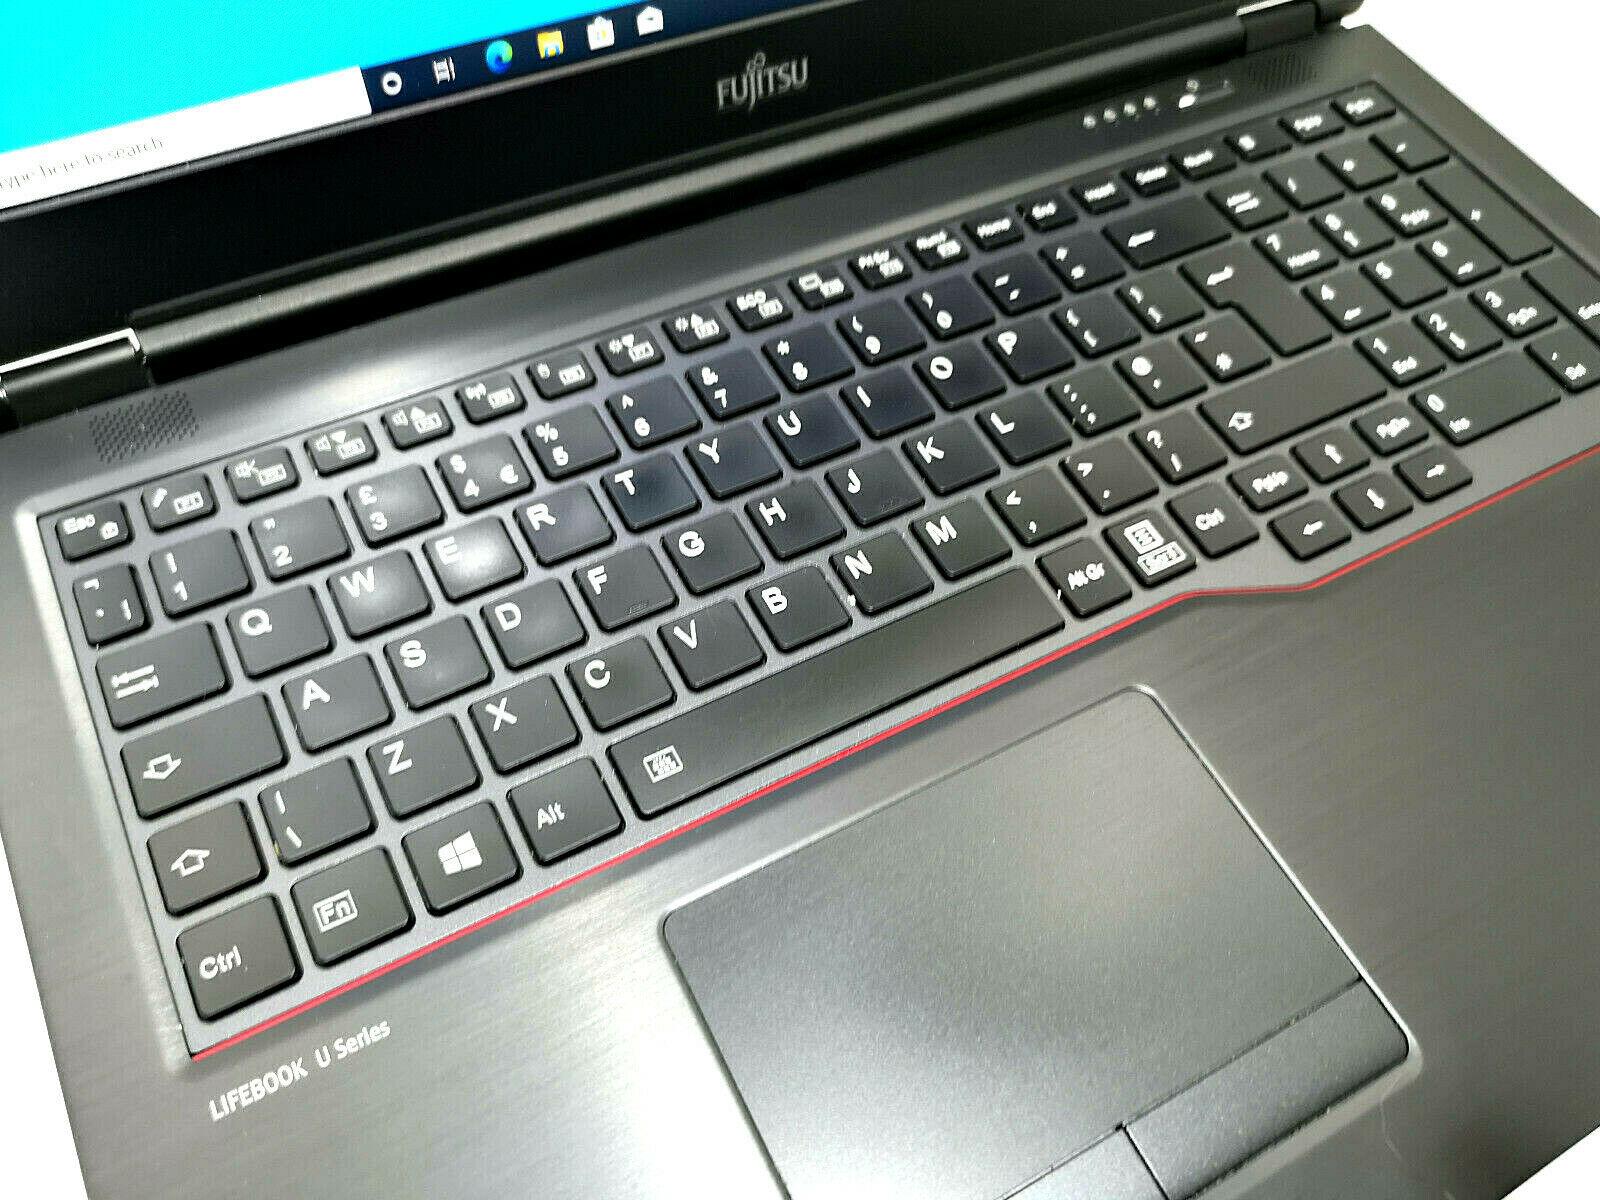 Fujitsu LifeBook U757 No 2